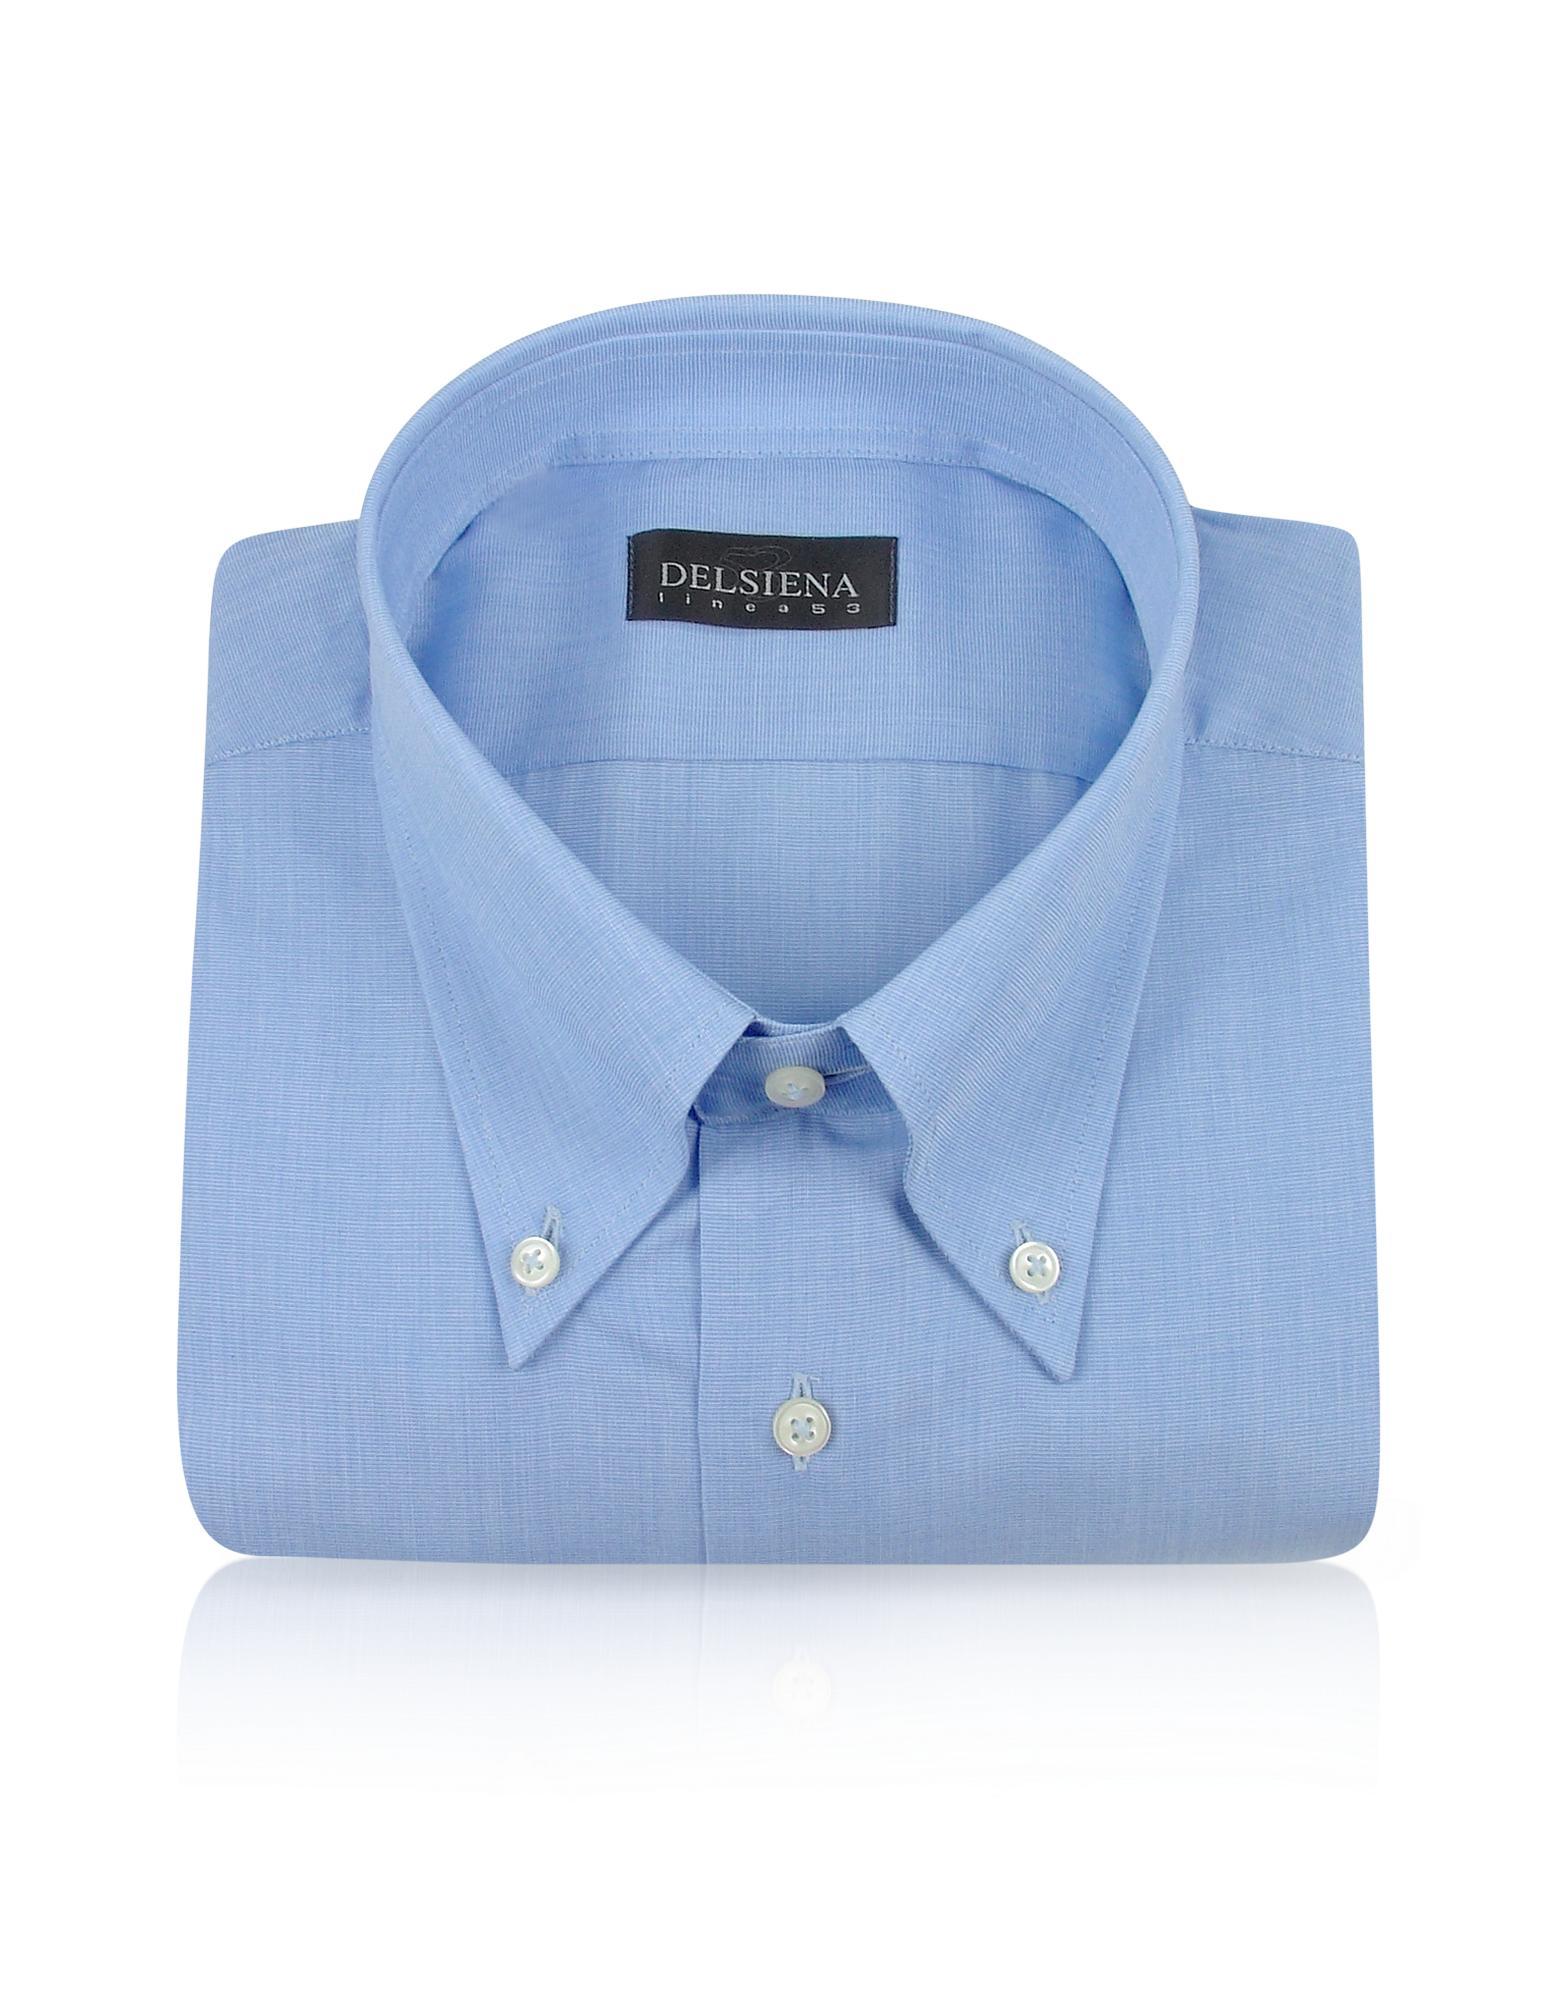 Del Siena Handgenähtes Baumwollhemd mit Button-Down-Kragen in blau